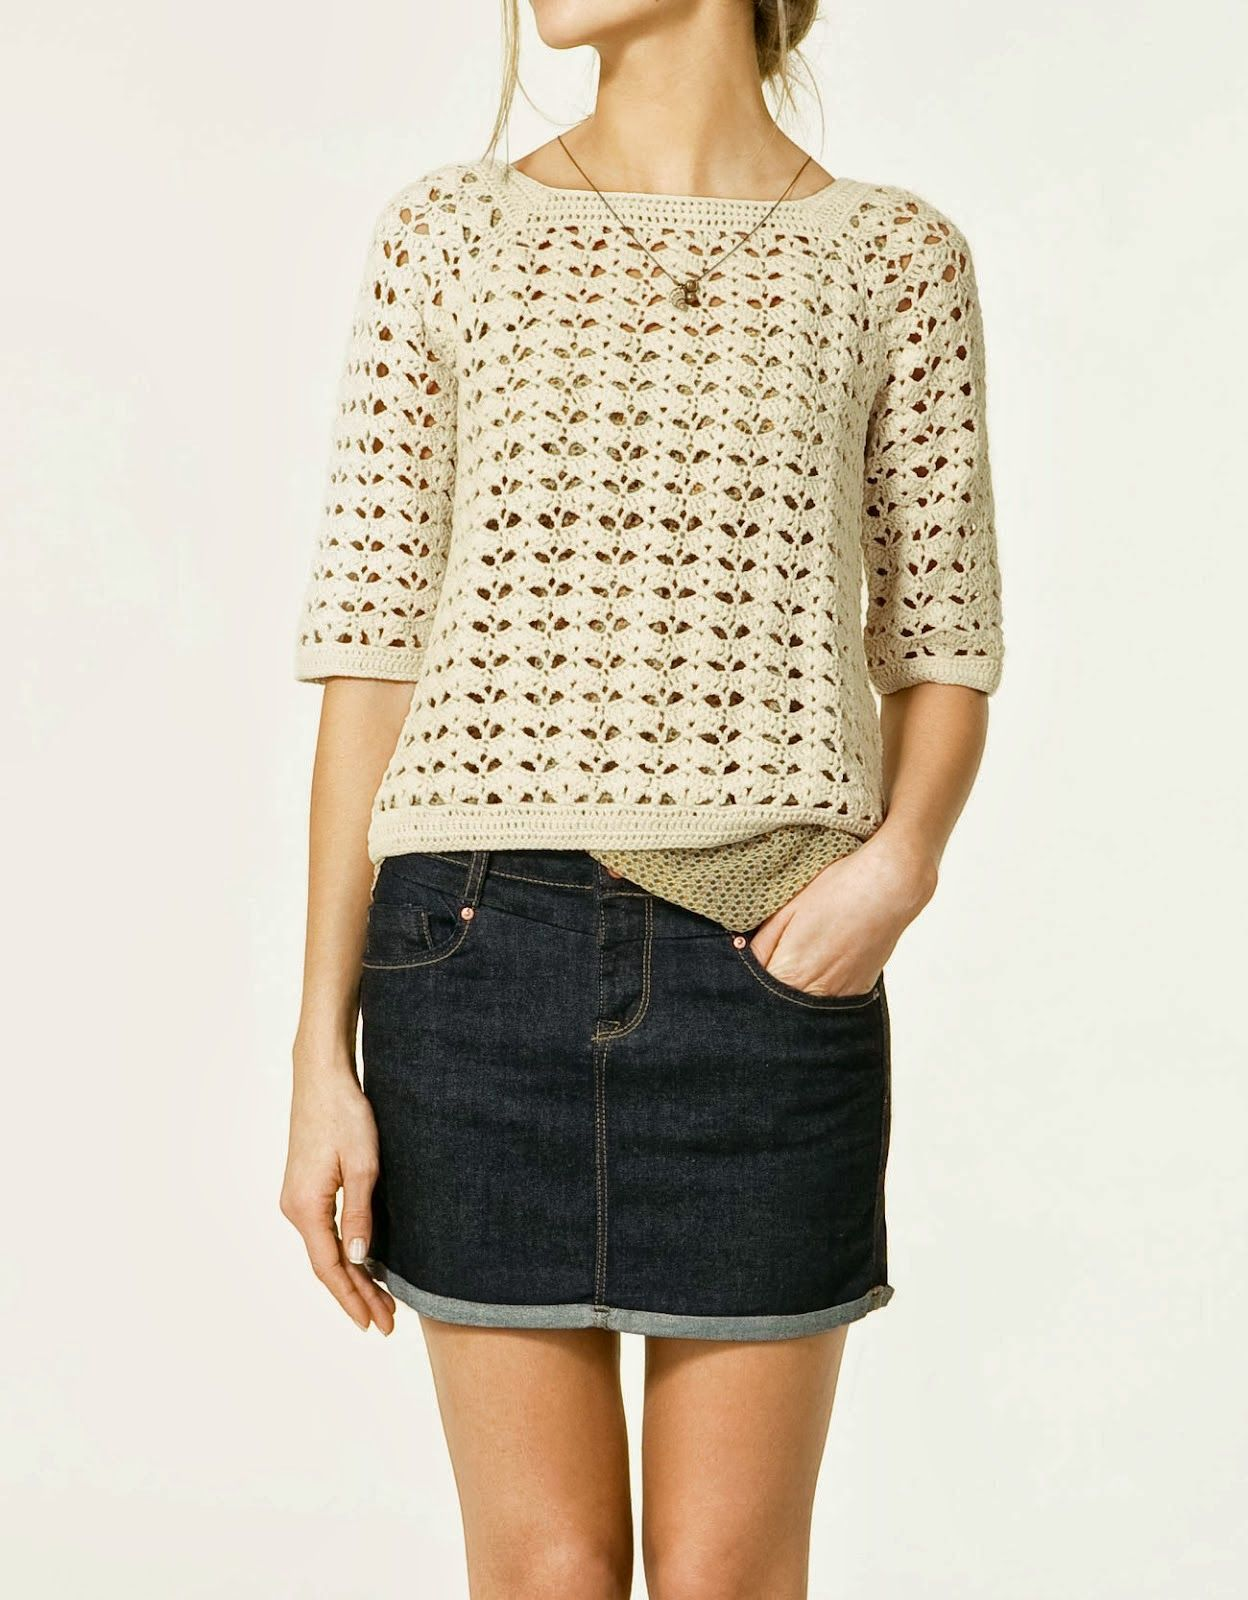 Crochet tejidos: DISEÑOS SIN PaTRON | ТОПЫ,КОФТОЧКИ И БЛУЗЫ ...